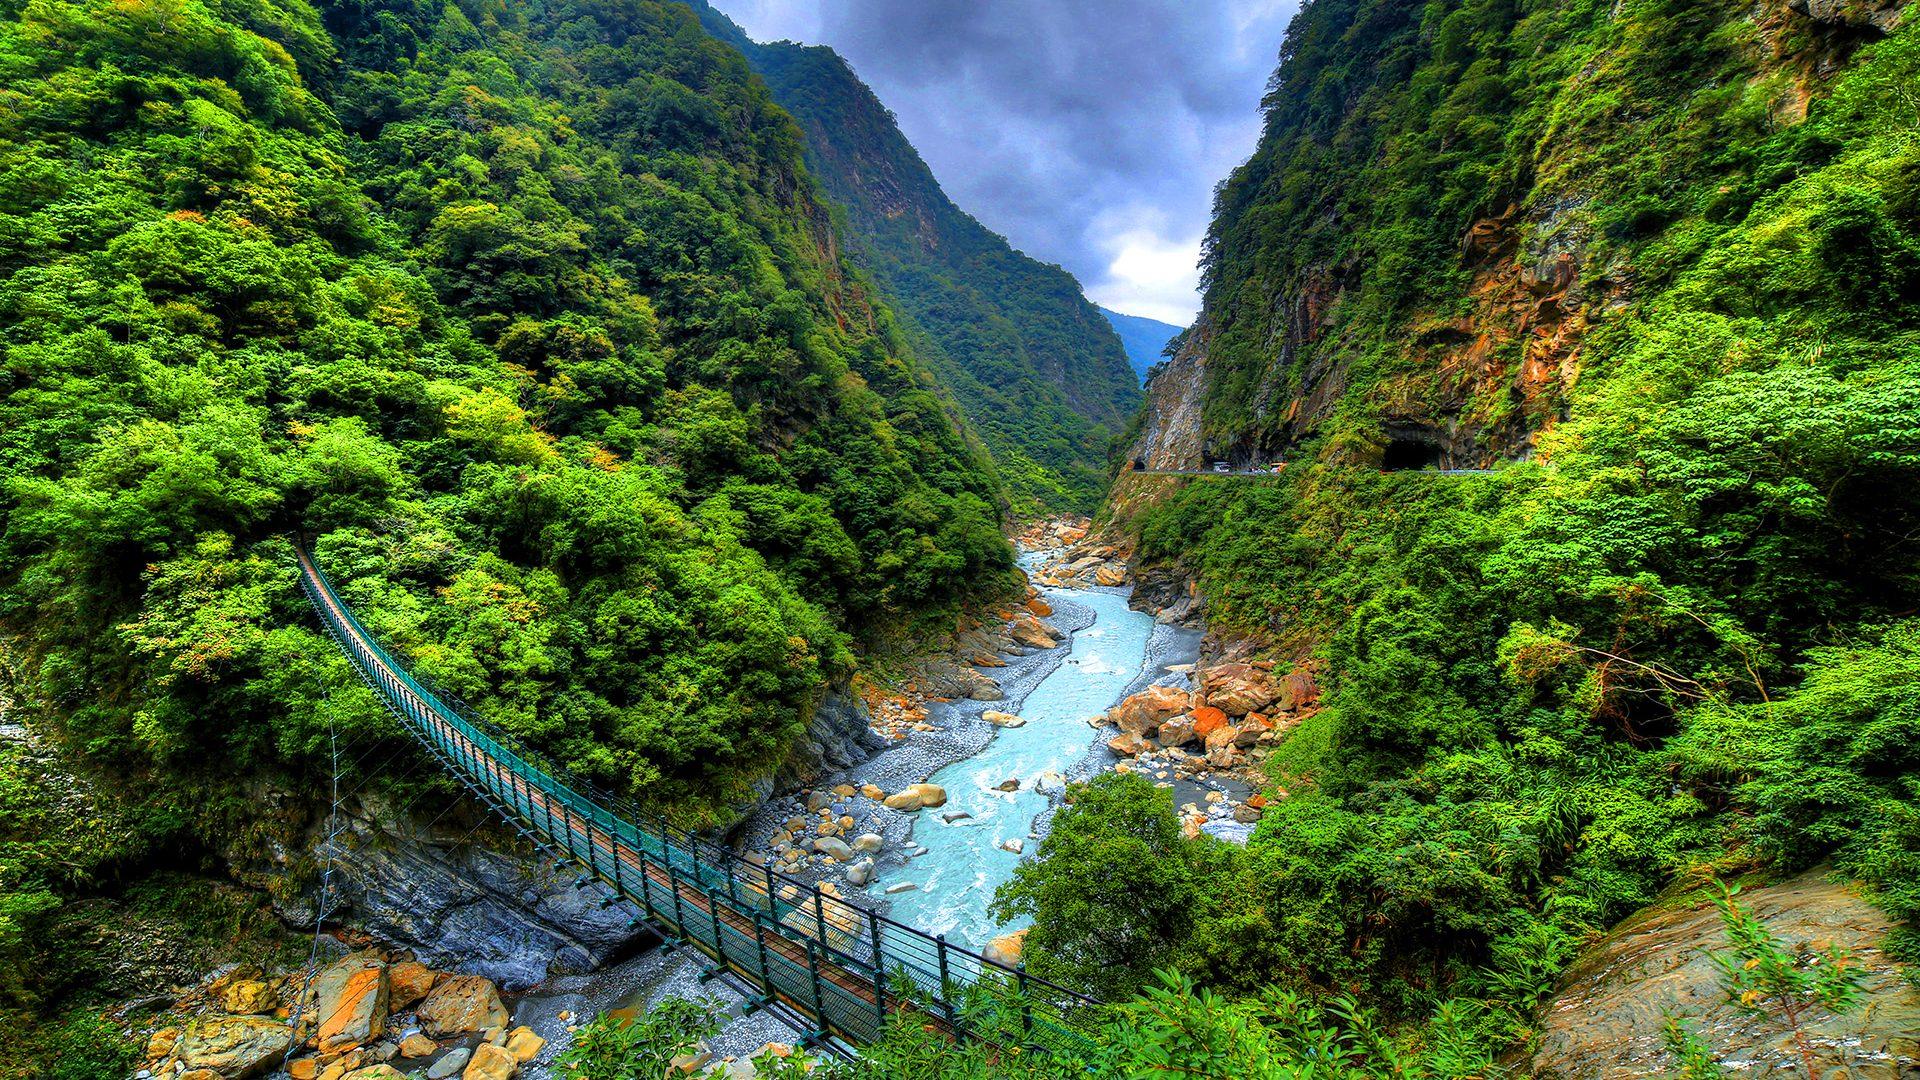 Khung cảnh sơn thủy hữu tình của công viên quốc giá Taroko